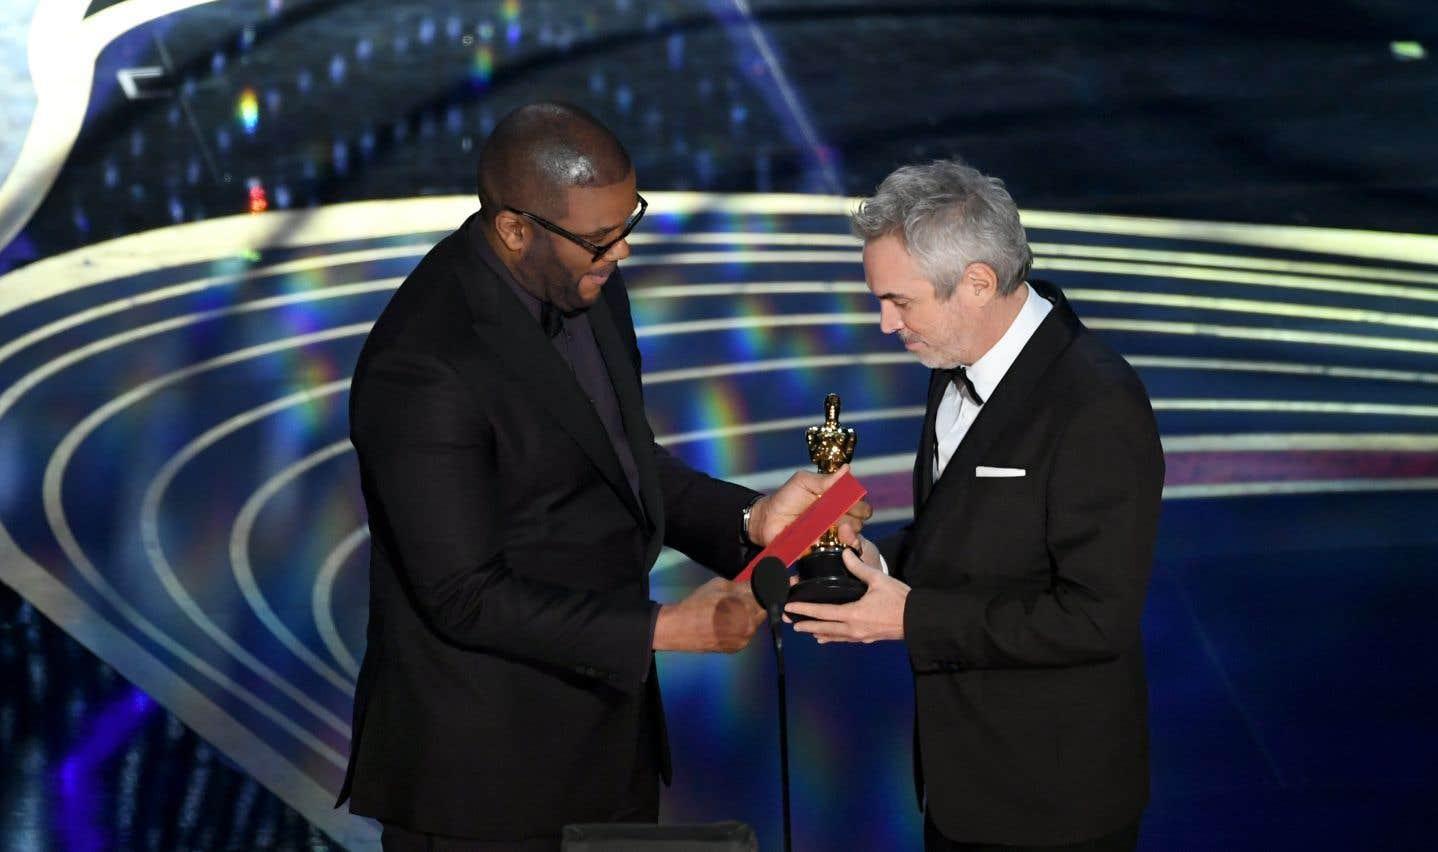 Alfonso Cuarónest reparti avec le prix de la meilleure réalisation, de la meilleure direction photo et du meilleur film en langue étrangère pour son film «Roma».